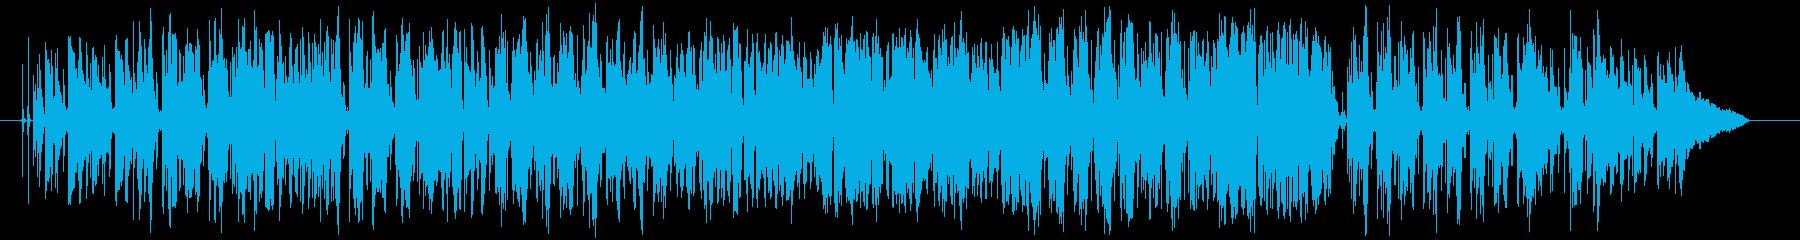 「こそだてぽけっと」のテーマソング応募…の再生済みの波形